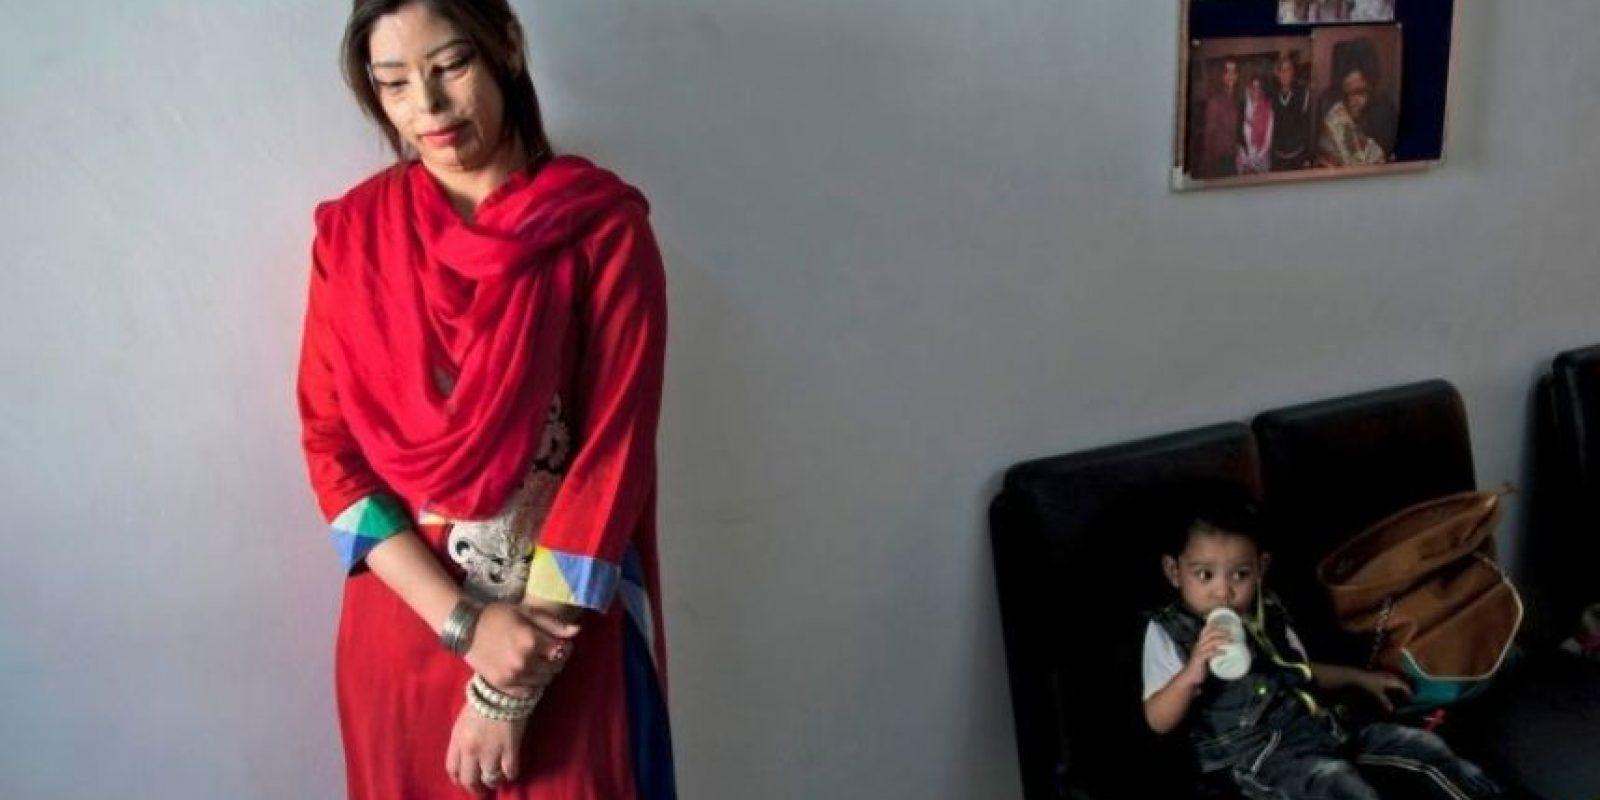 Cada día se generan innumerables historias de ataques a mujeres en Pakistán, un país en el que bajo la ideología islámica, el género femenino está sometido a estrictas leyes y severos castigos. Foto:AP